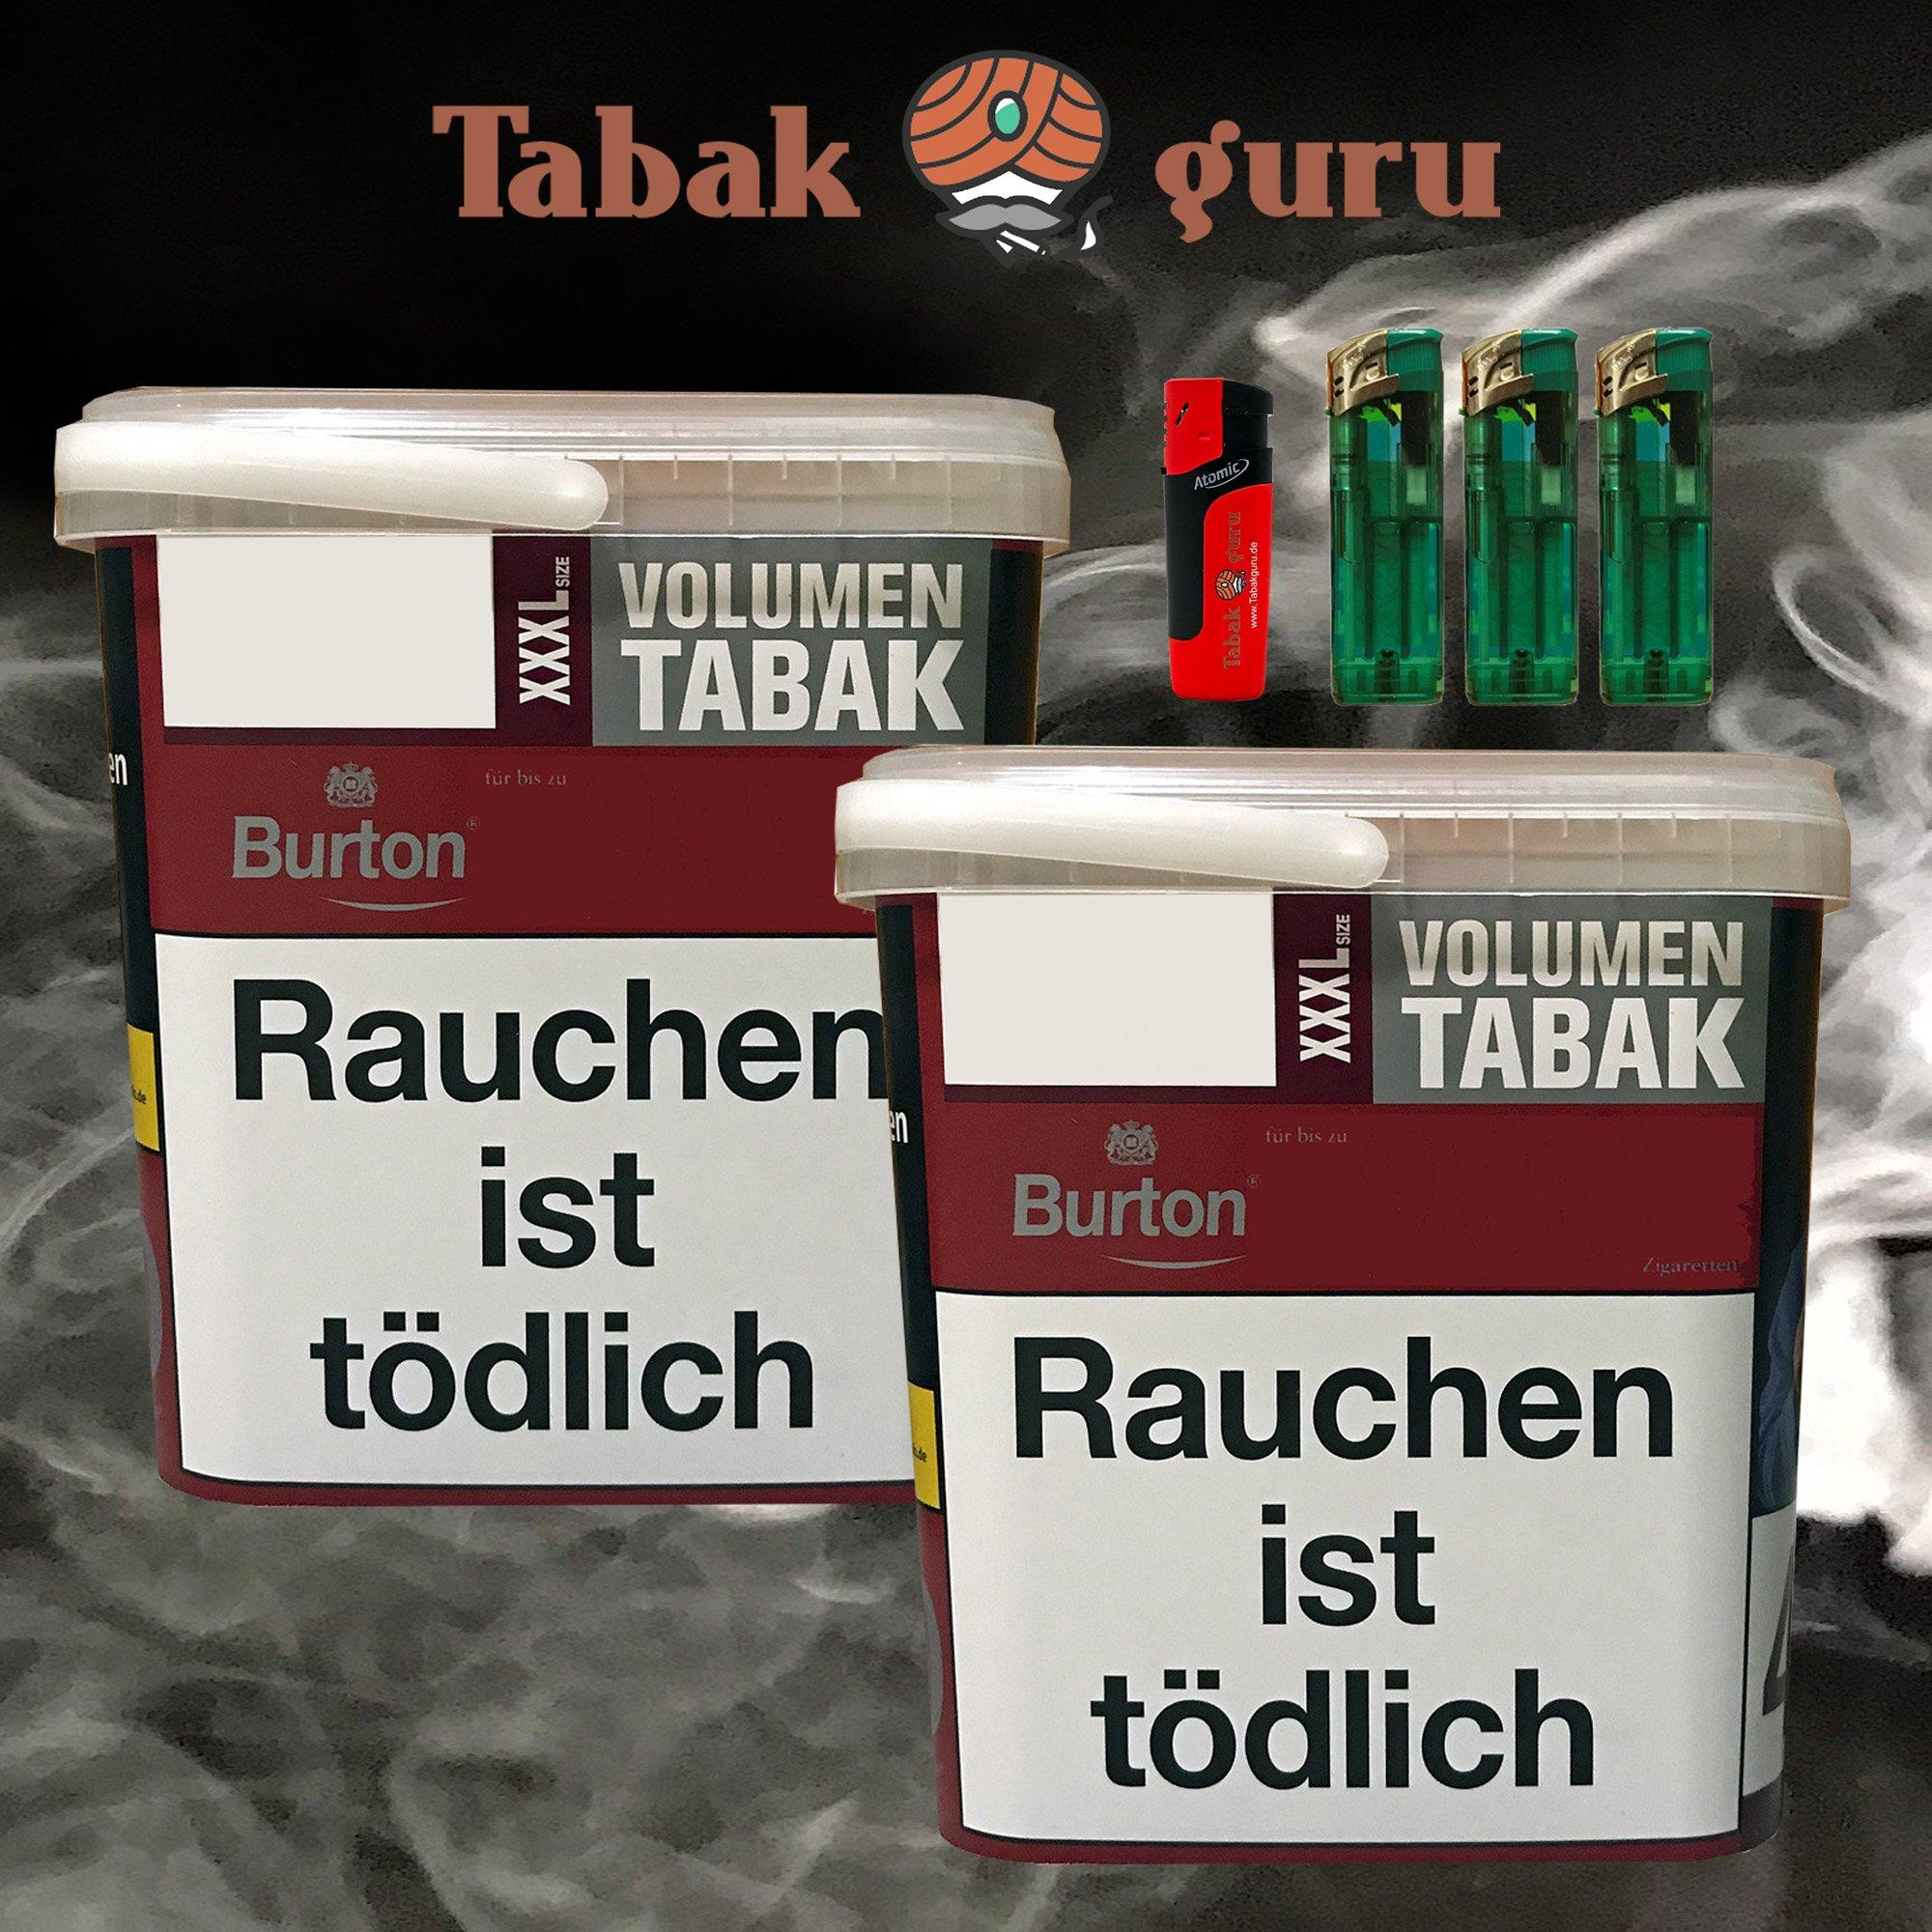 2x Burton Red Volumentabak / Zigarettentabak XXXL Eimer 370g, Feuerzeuge